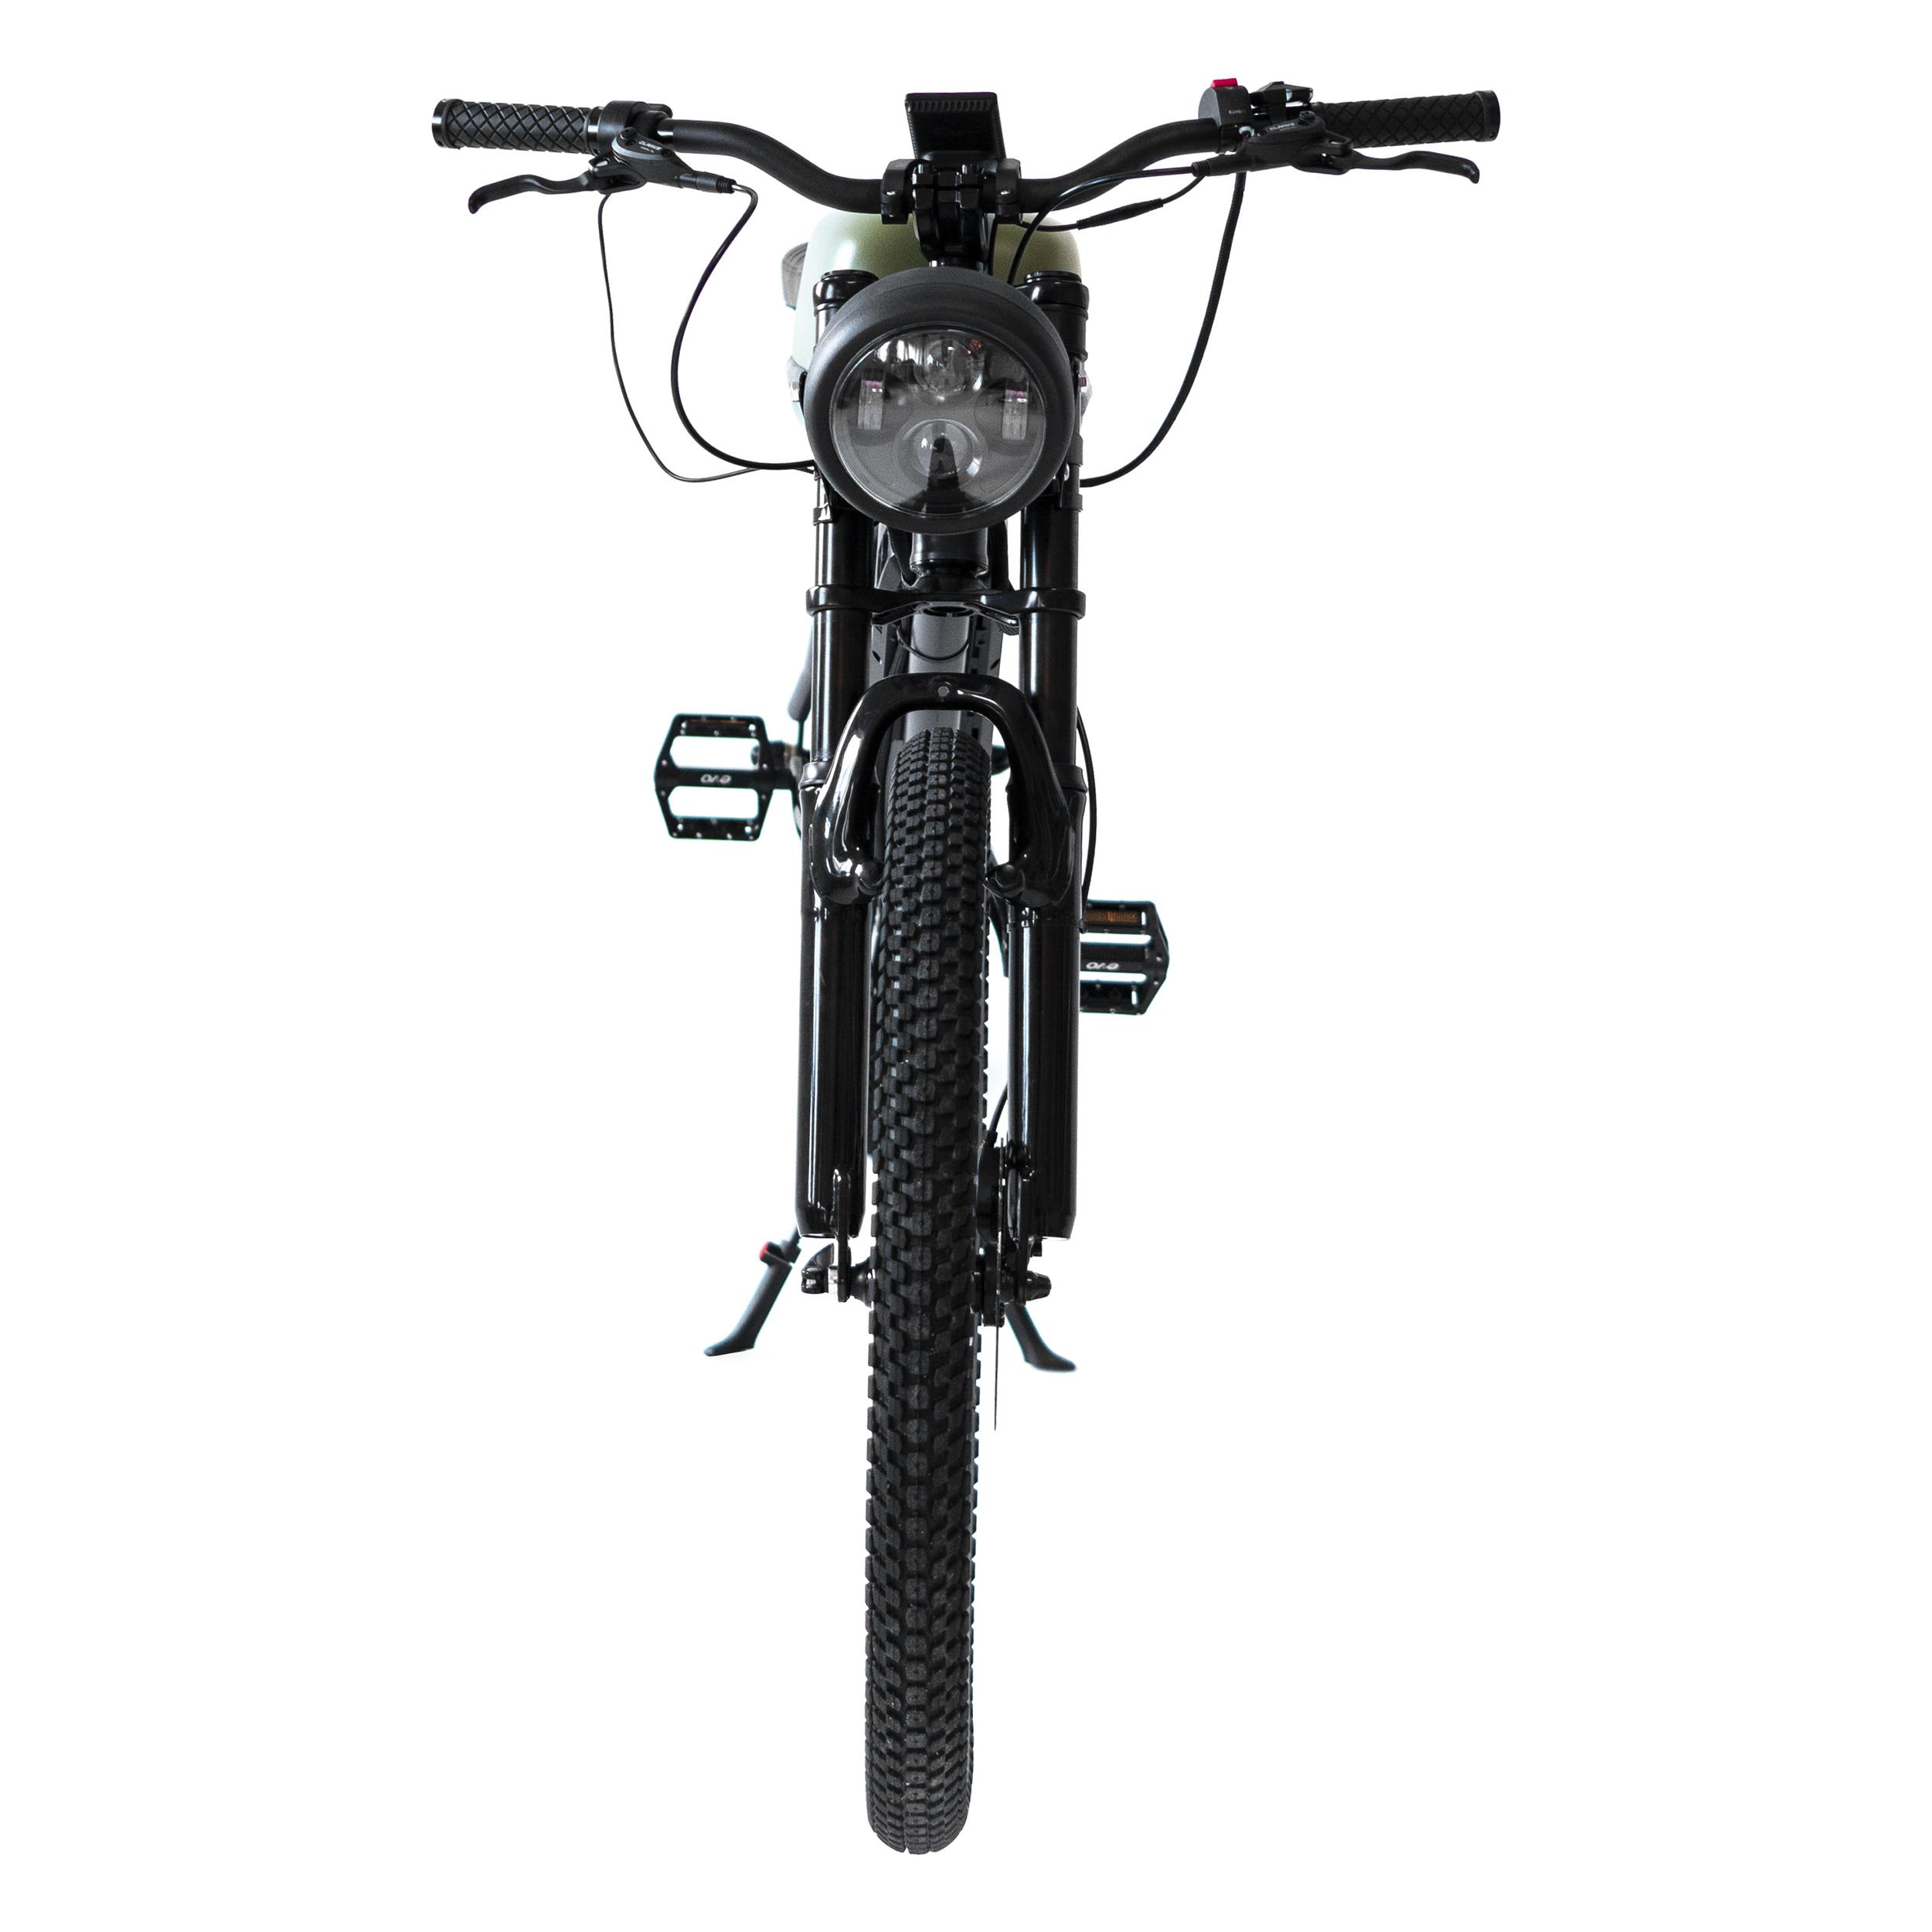 Electronic Bike: बिना पैडल मारे 65 km चलती है यह साइकिल, पासवर्ड से होती है अनलॉक